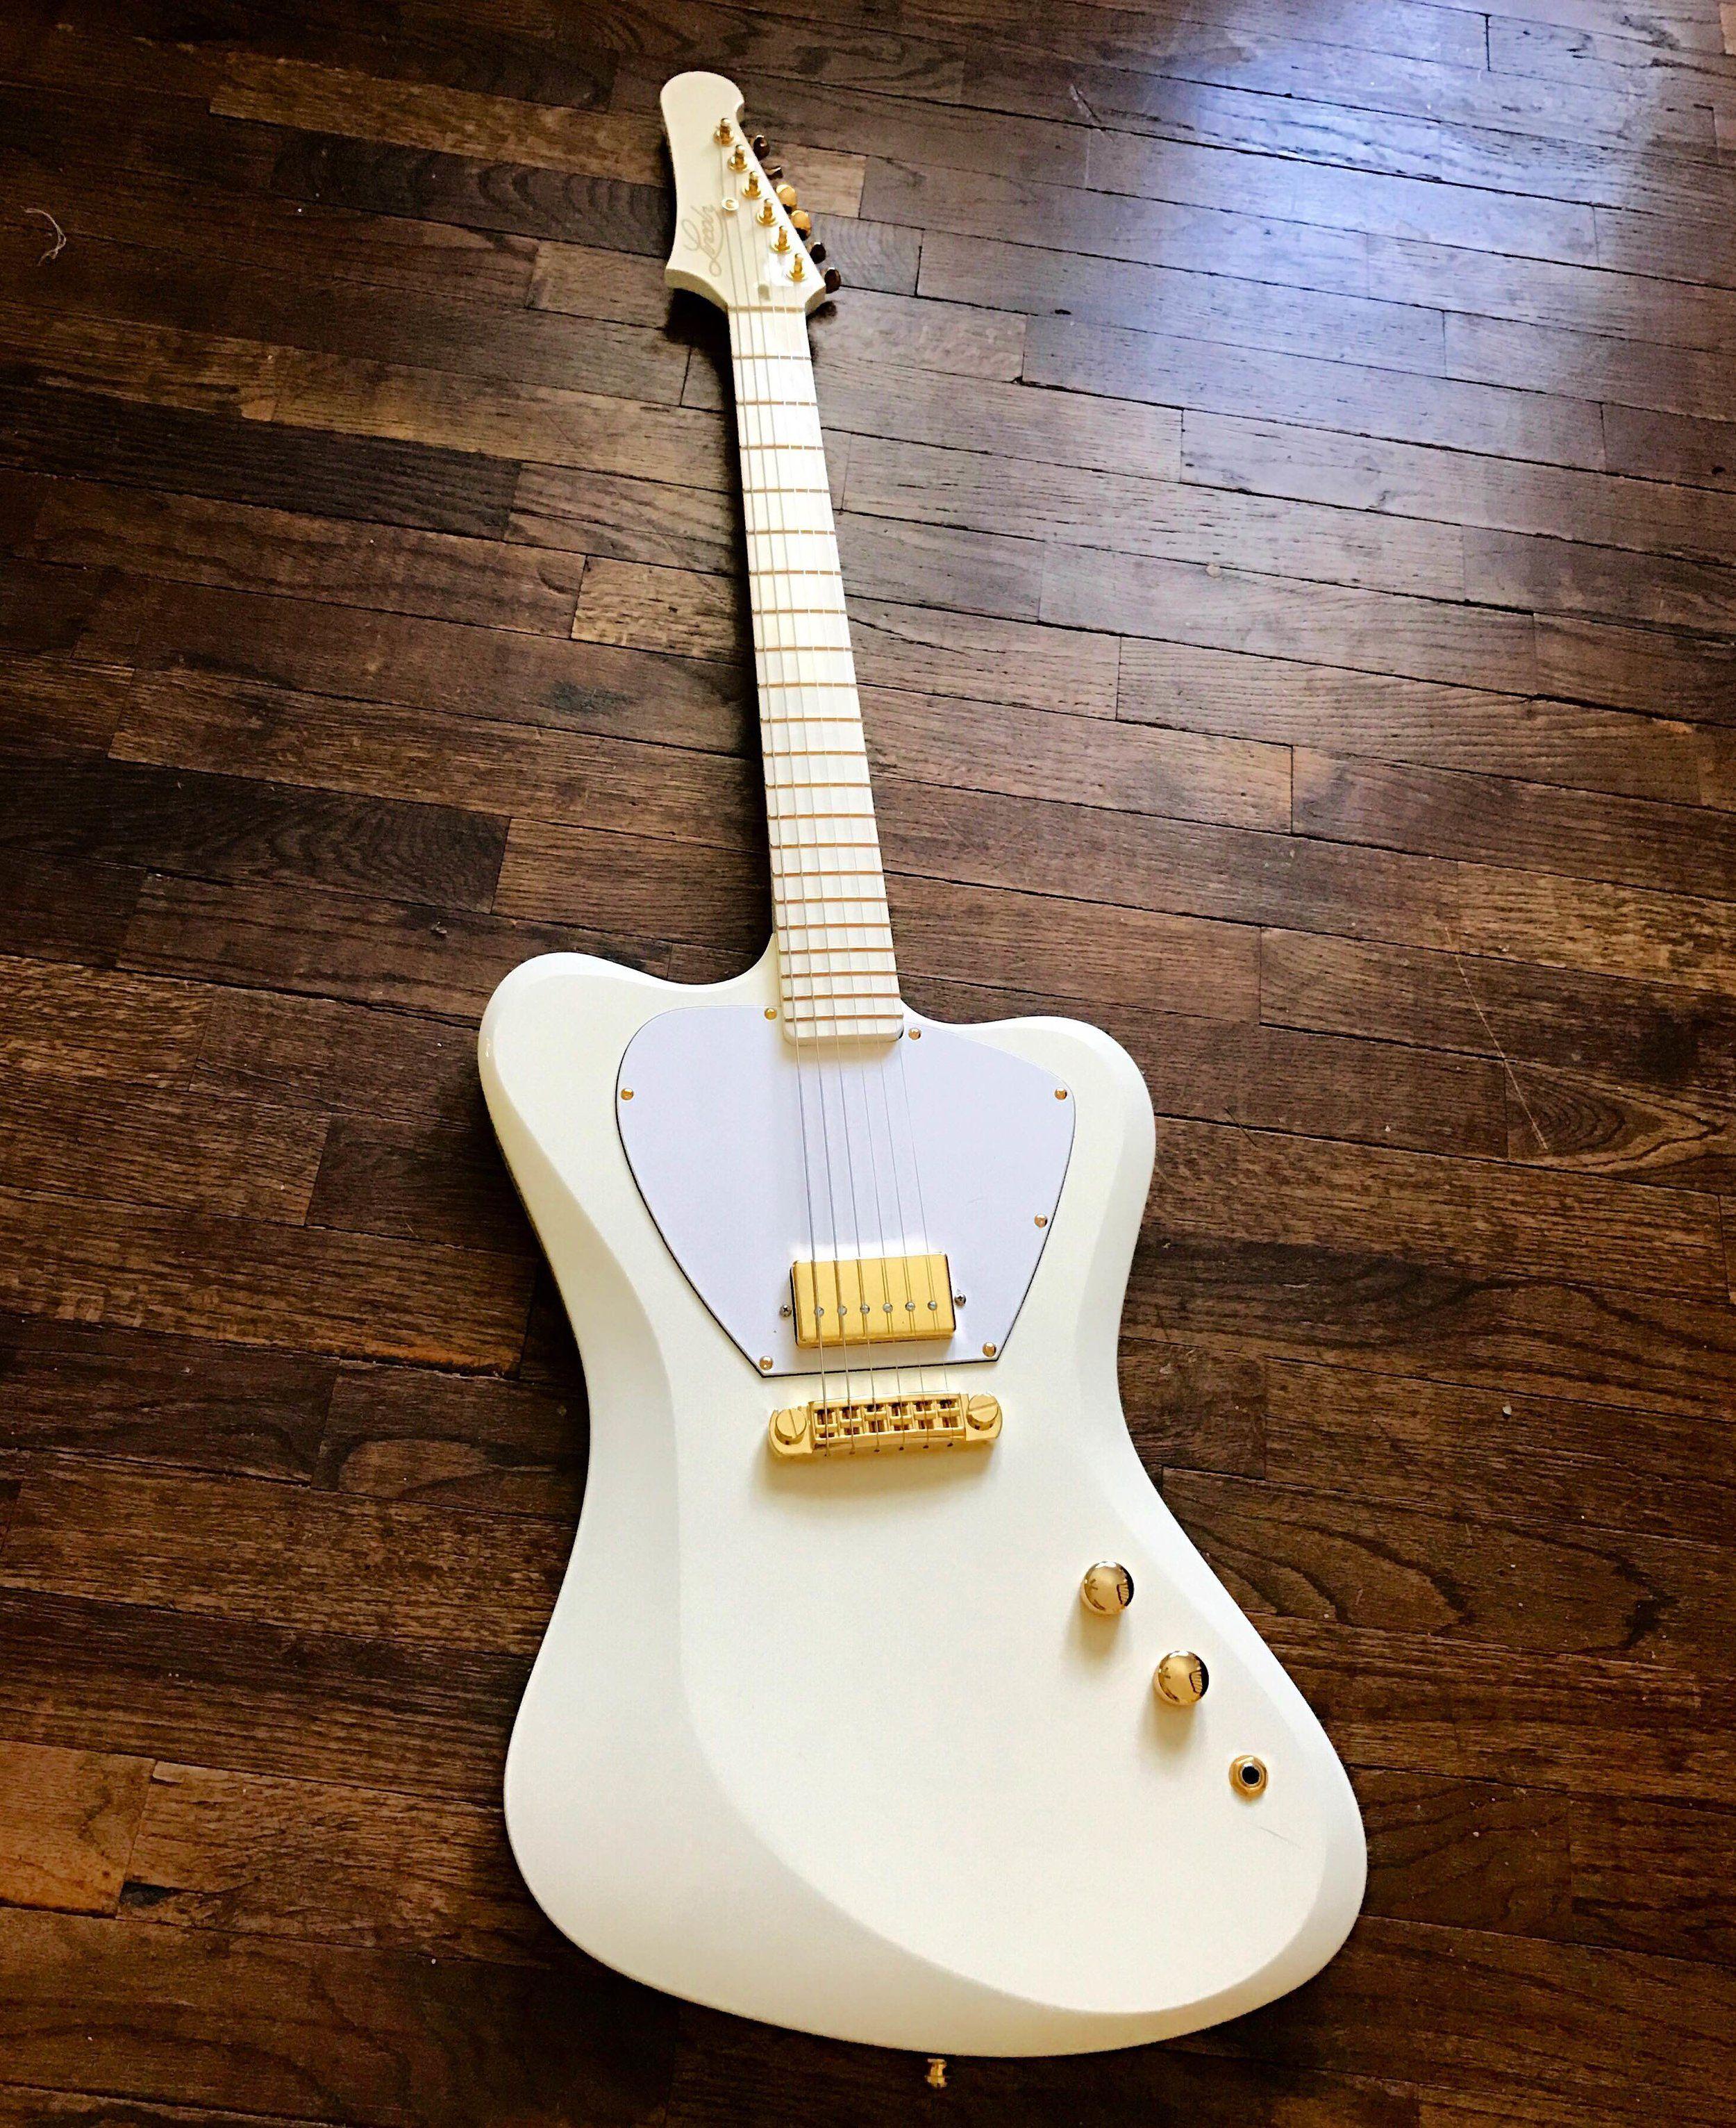 Gallery lincoln guitars guitar guitar strings